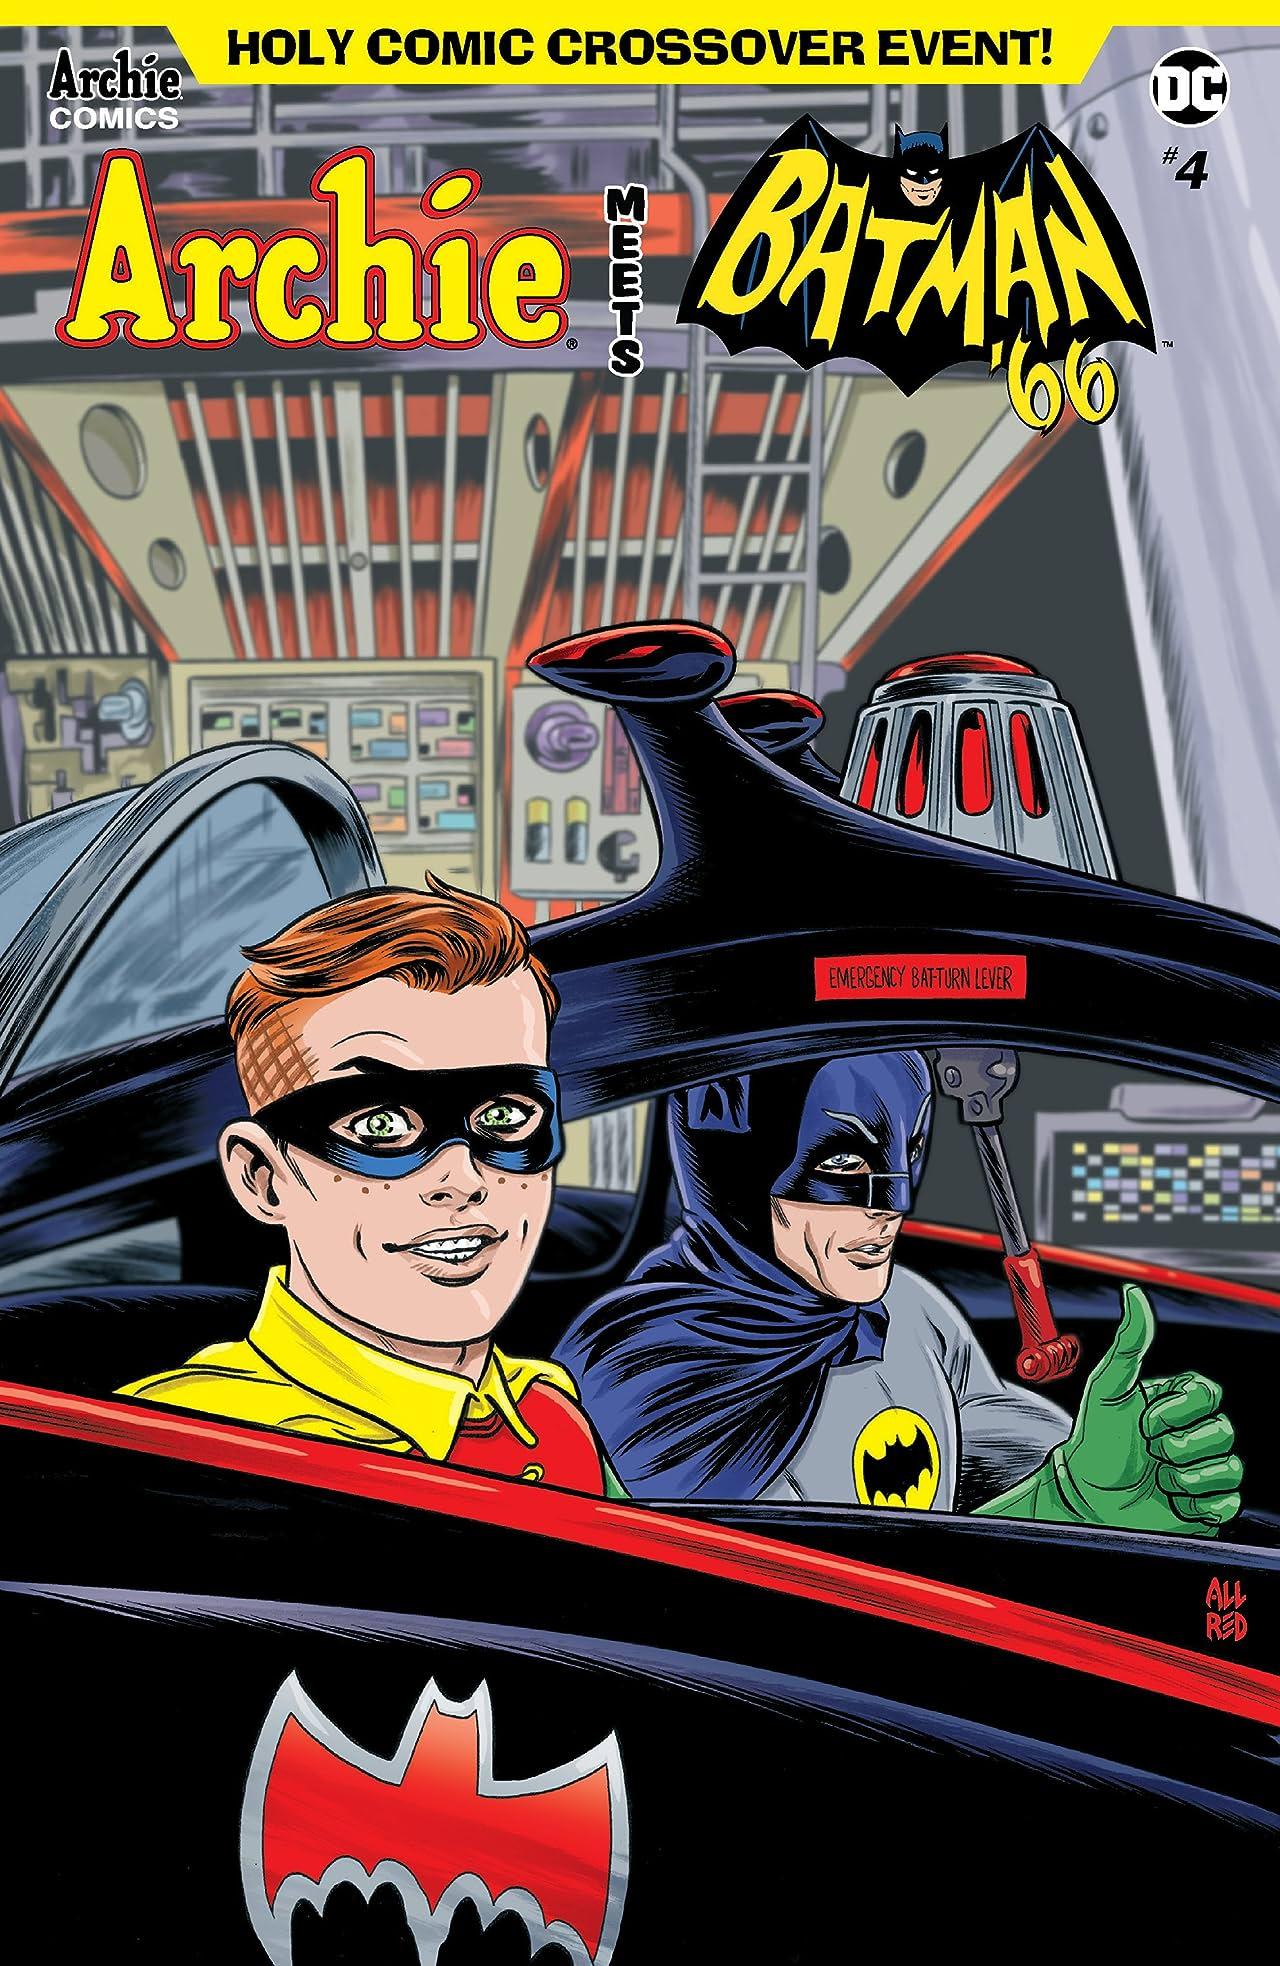 Archie Meets Batman '66 No.4